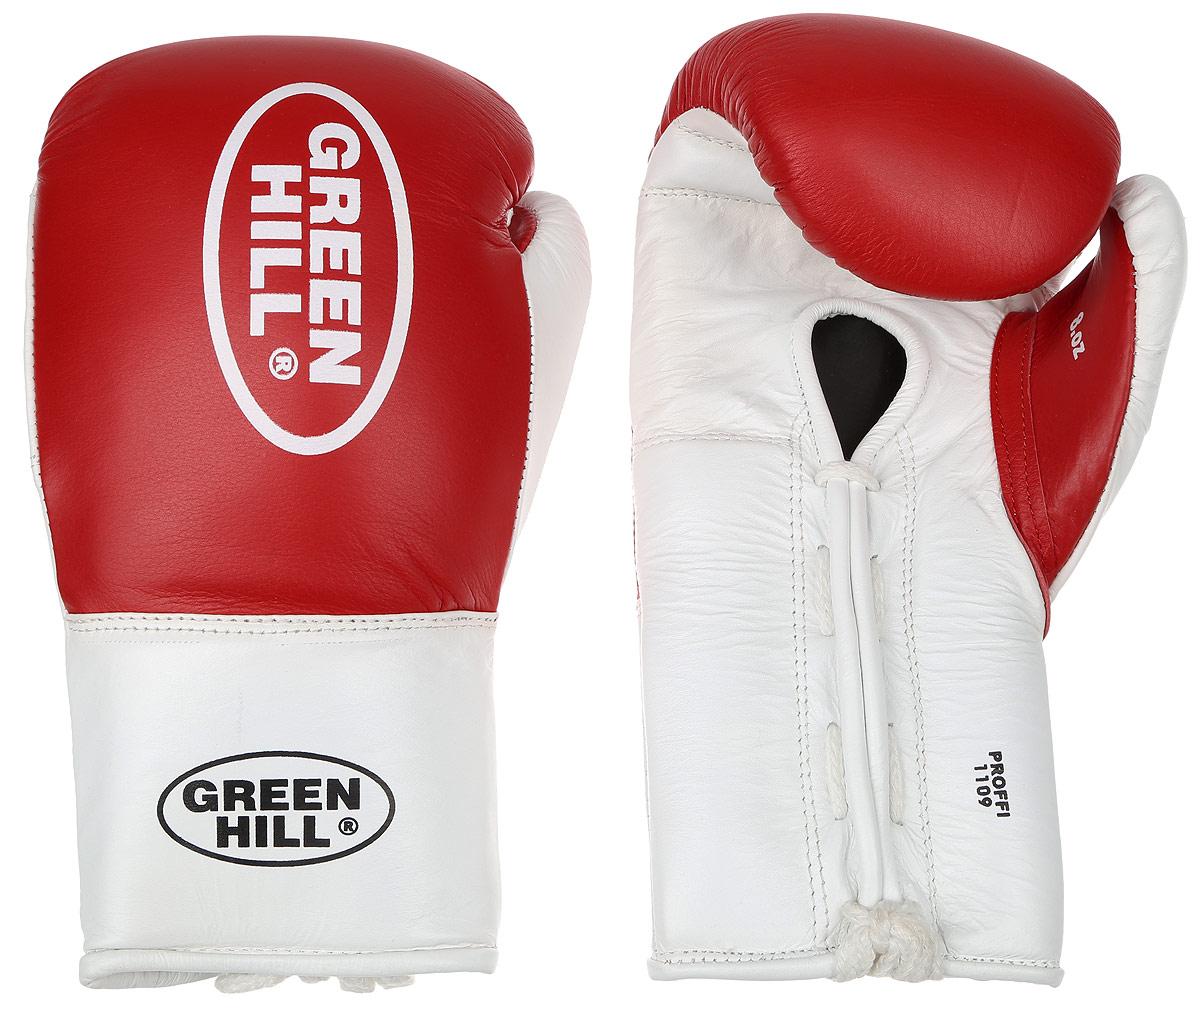 Перчатки боксерские Green Hill Proffi, цвет: красный, белый. Вес 8 унций. BGP-2014BGP-2014Боксерские перчатки Green Hill Proffi предназначены для использования профессионалами. Верх выполнен из натуральной кожи, наполнитель - из вспененного полимера. Отверстие в области ладони позволяет создать максимально комфортный терморежим во время занятий. Манжет на шнуровке способствует быстрому и удобному надеванию перчаток, плотно фиксирует перчатки на руке.